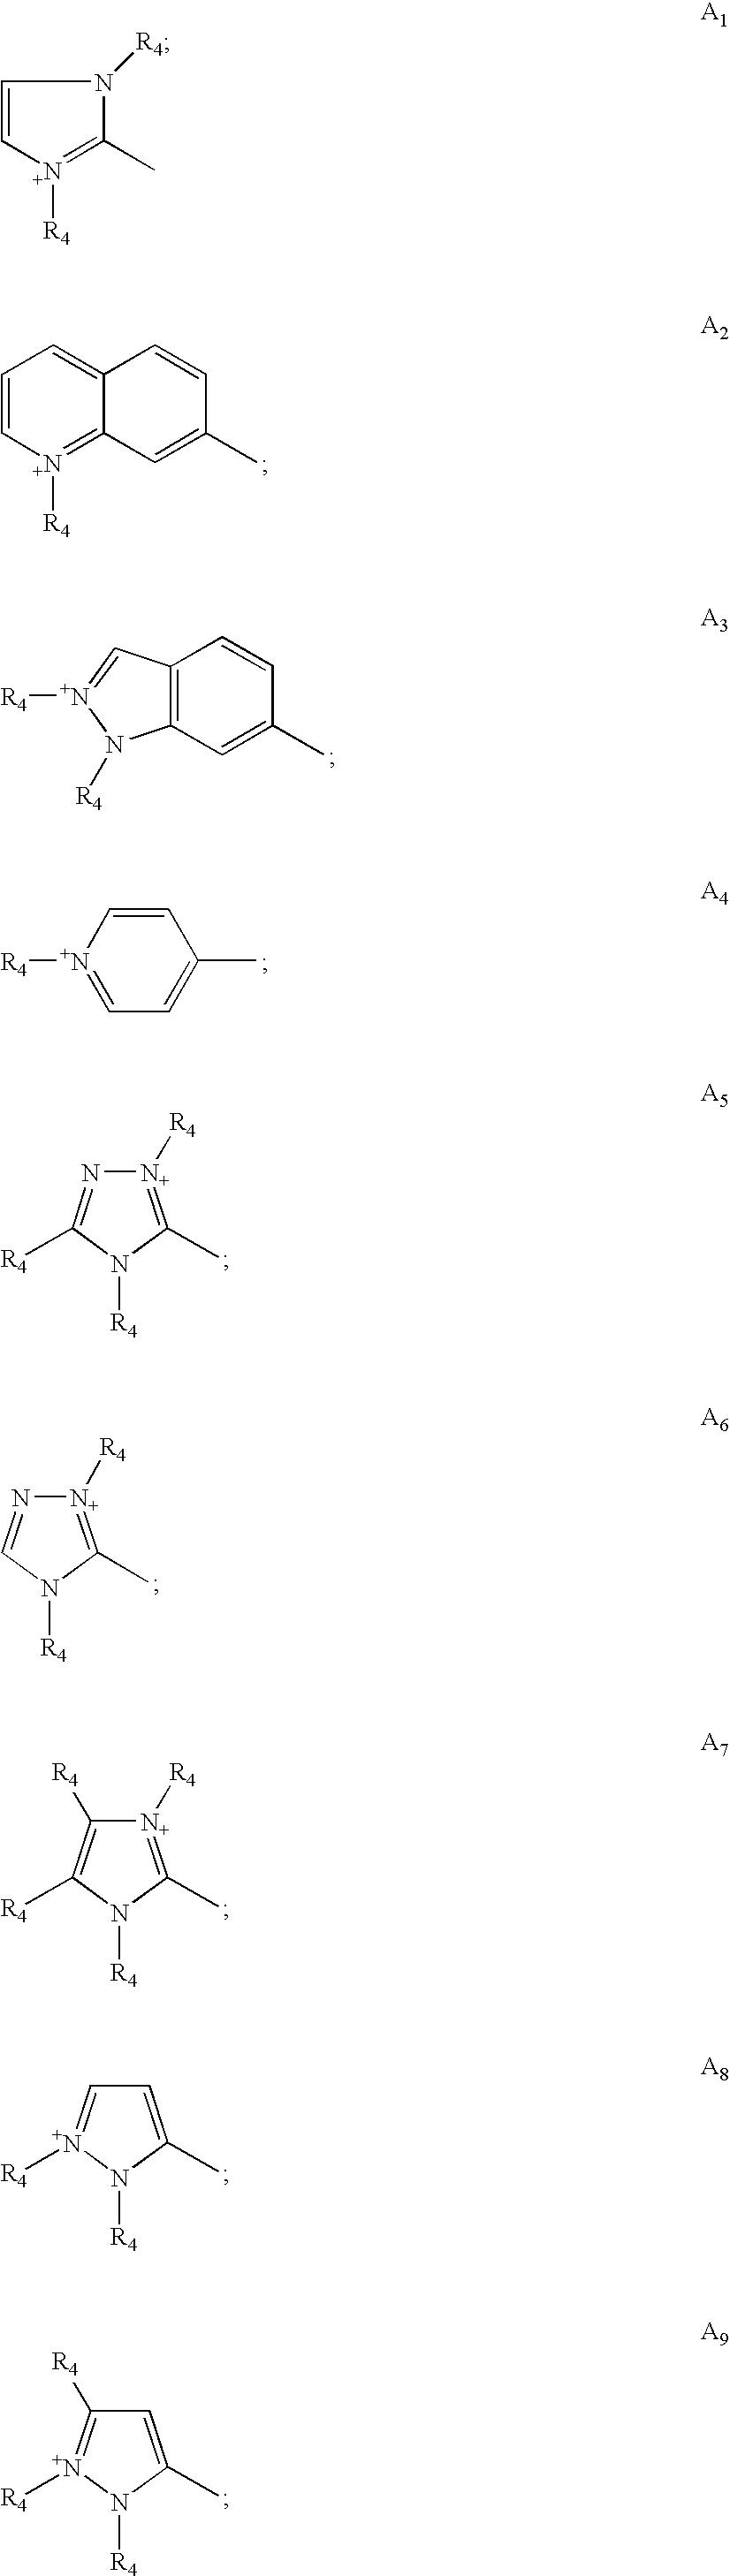 Figure US20100199441A1-20100812-C00007